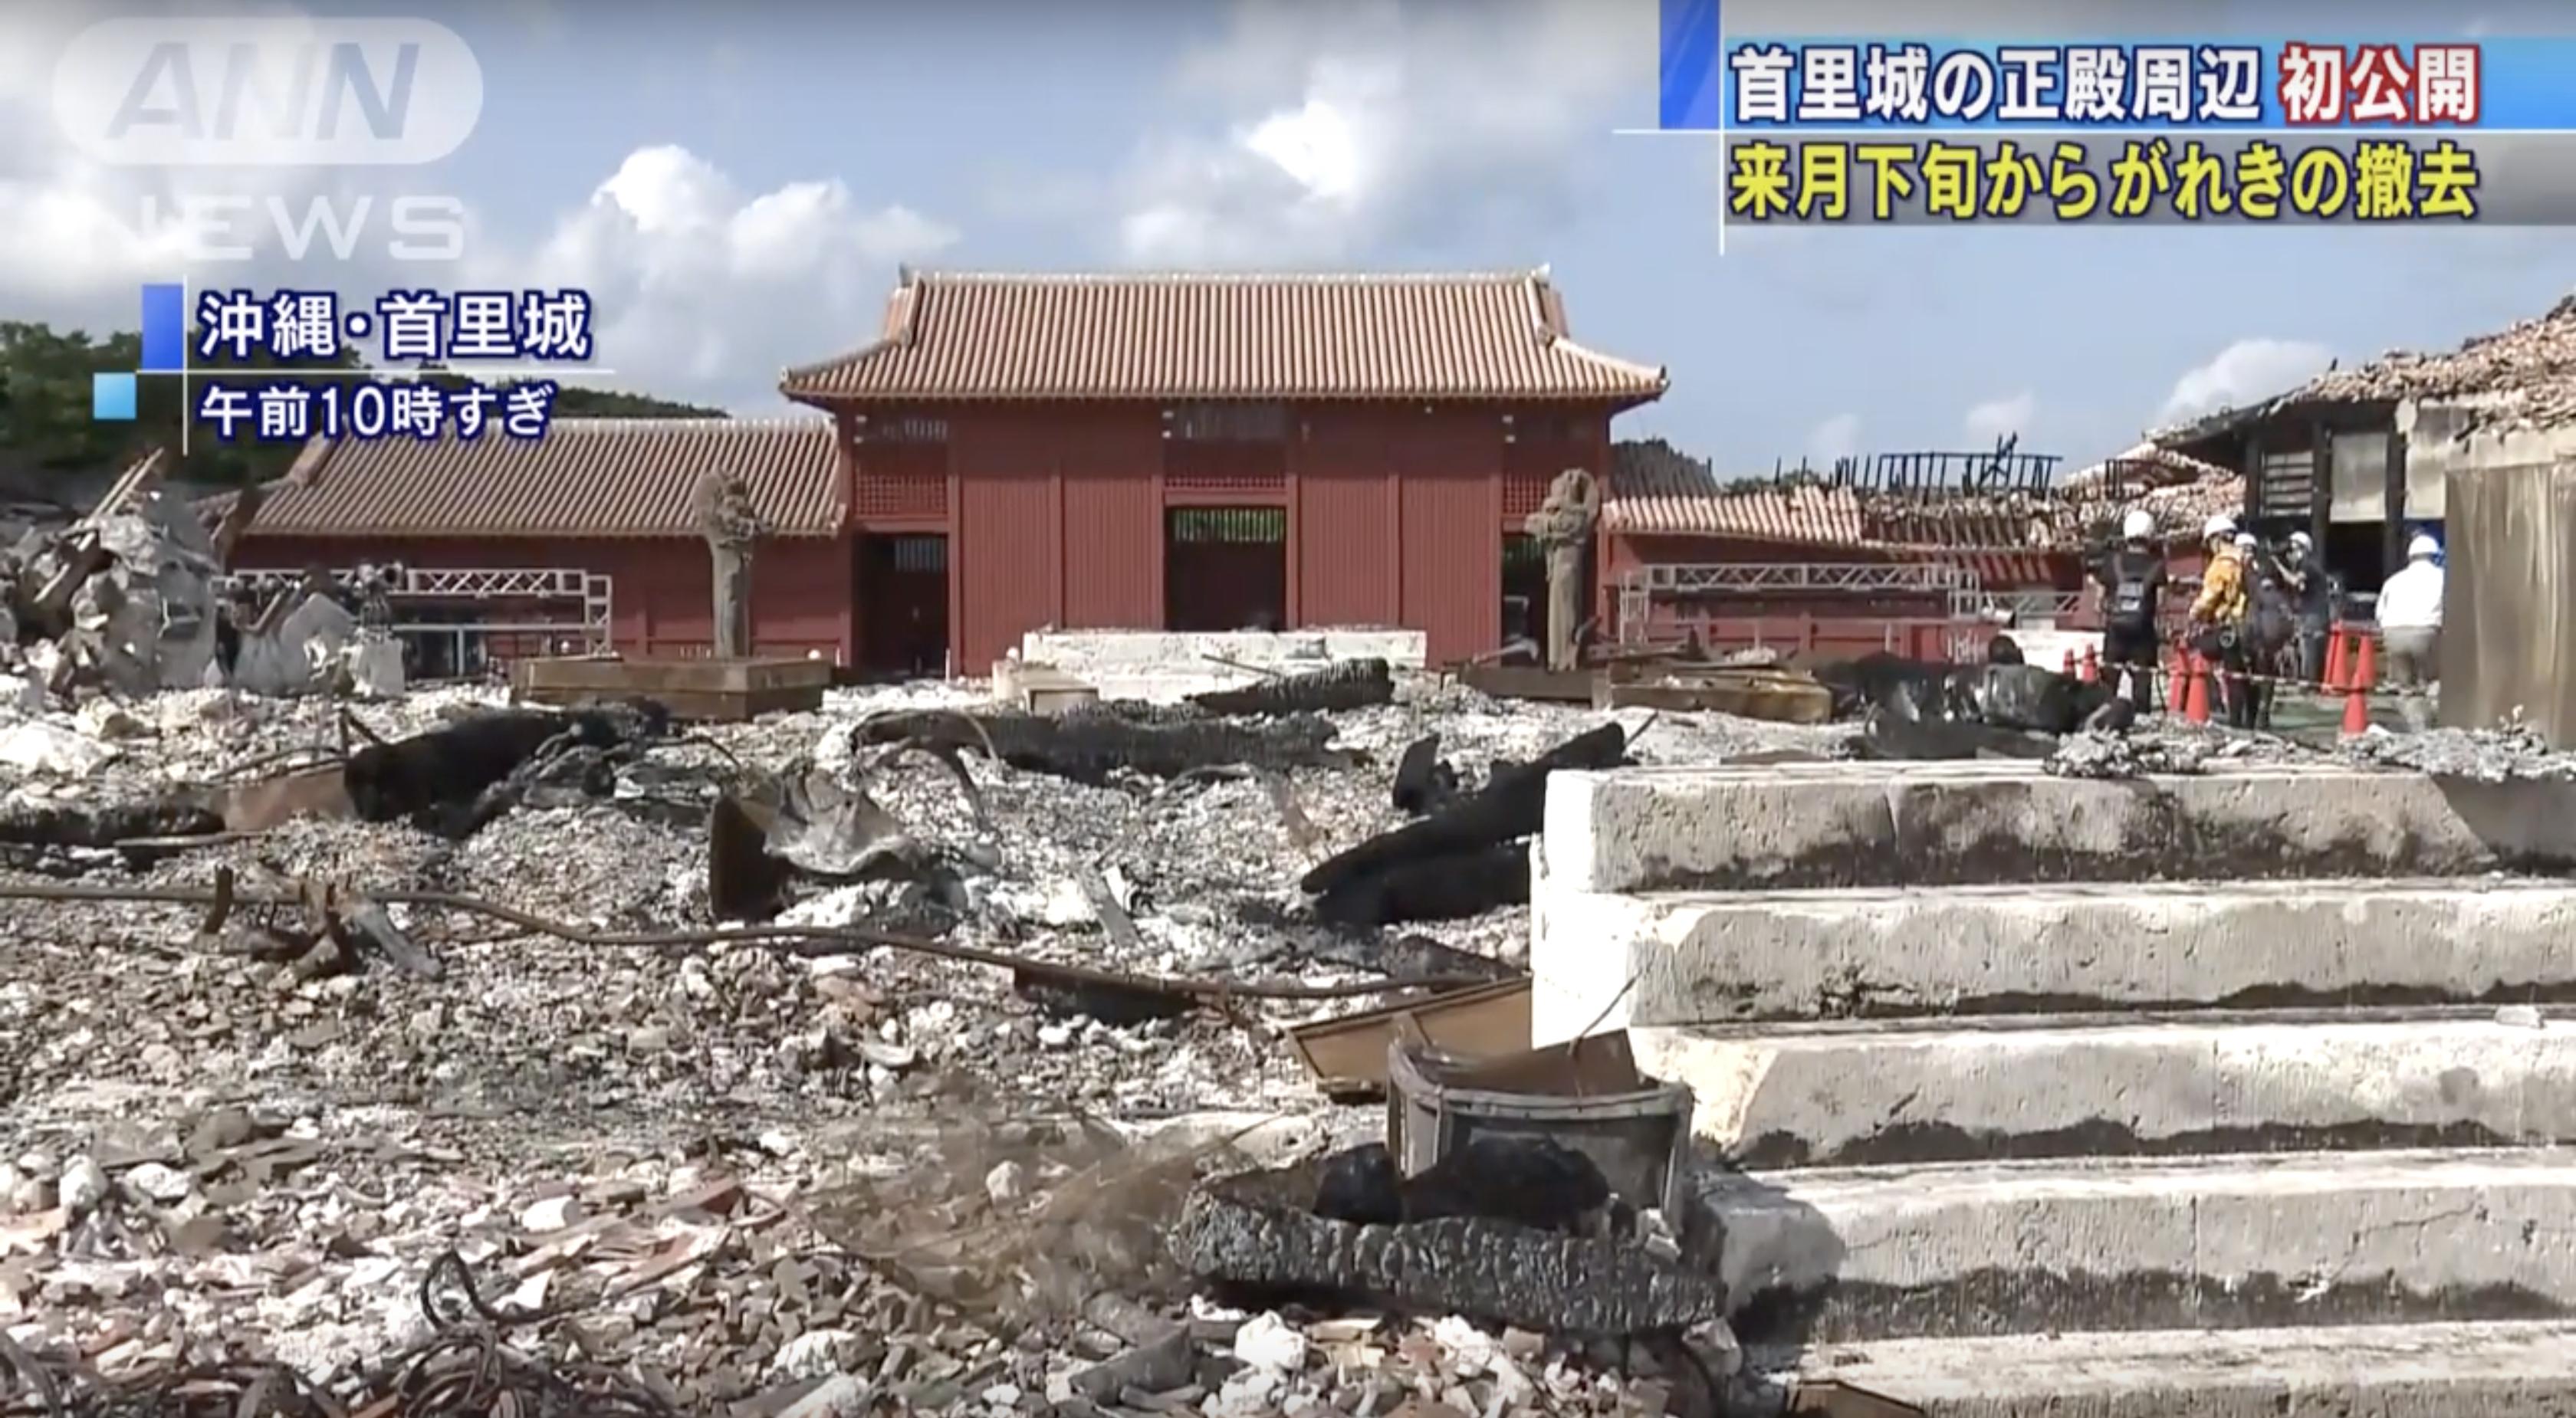 【首里城 火災現場を初公開】5月連休には一般客も可能